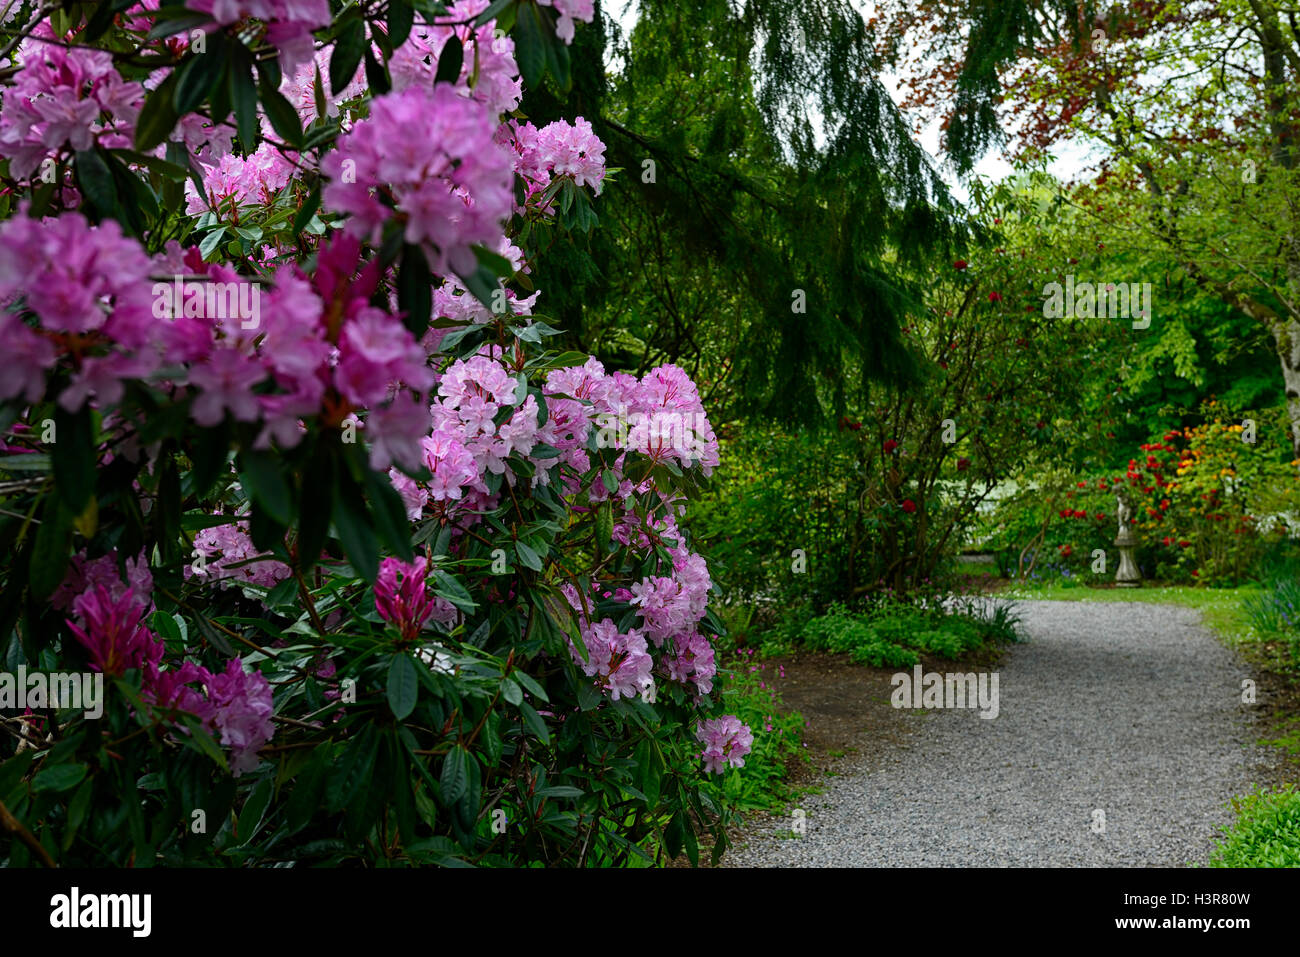 Rhododendron Frau EC Stirling Baum Bäume Sträucher Blumen Blüte Strauch Altamont Gärten Carlow Stockbild